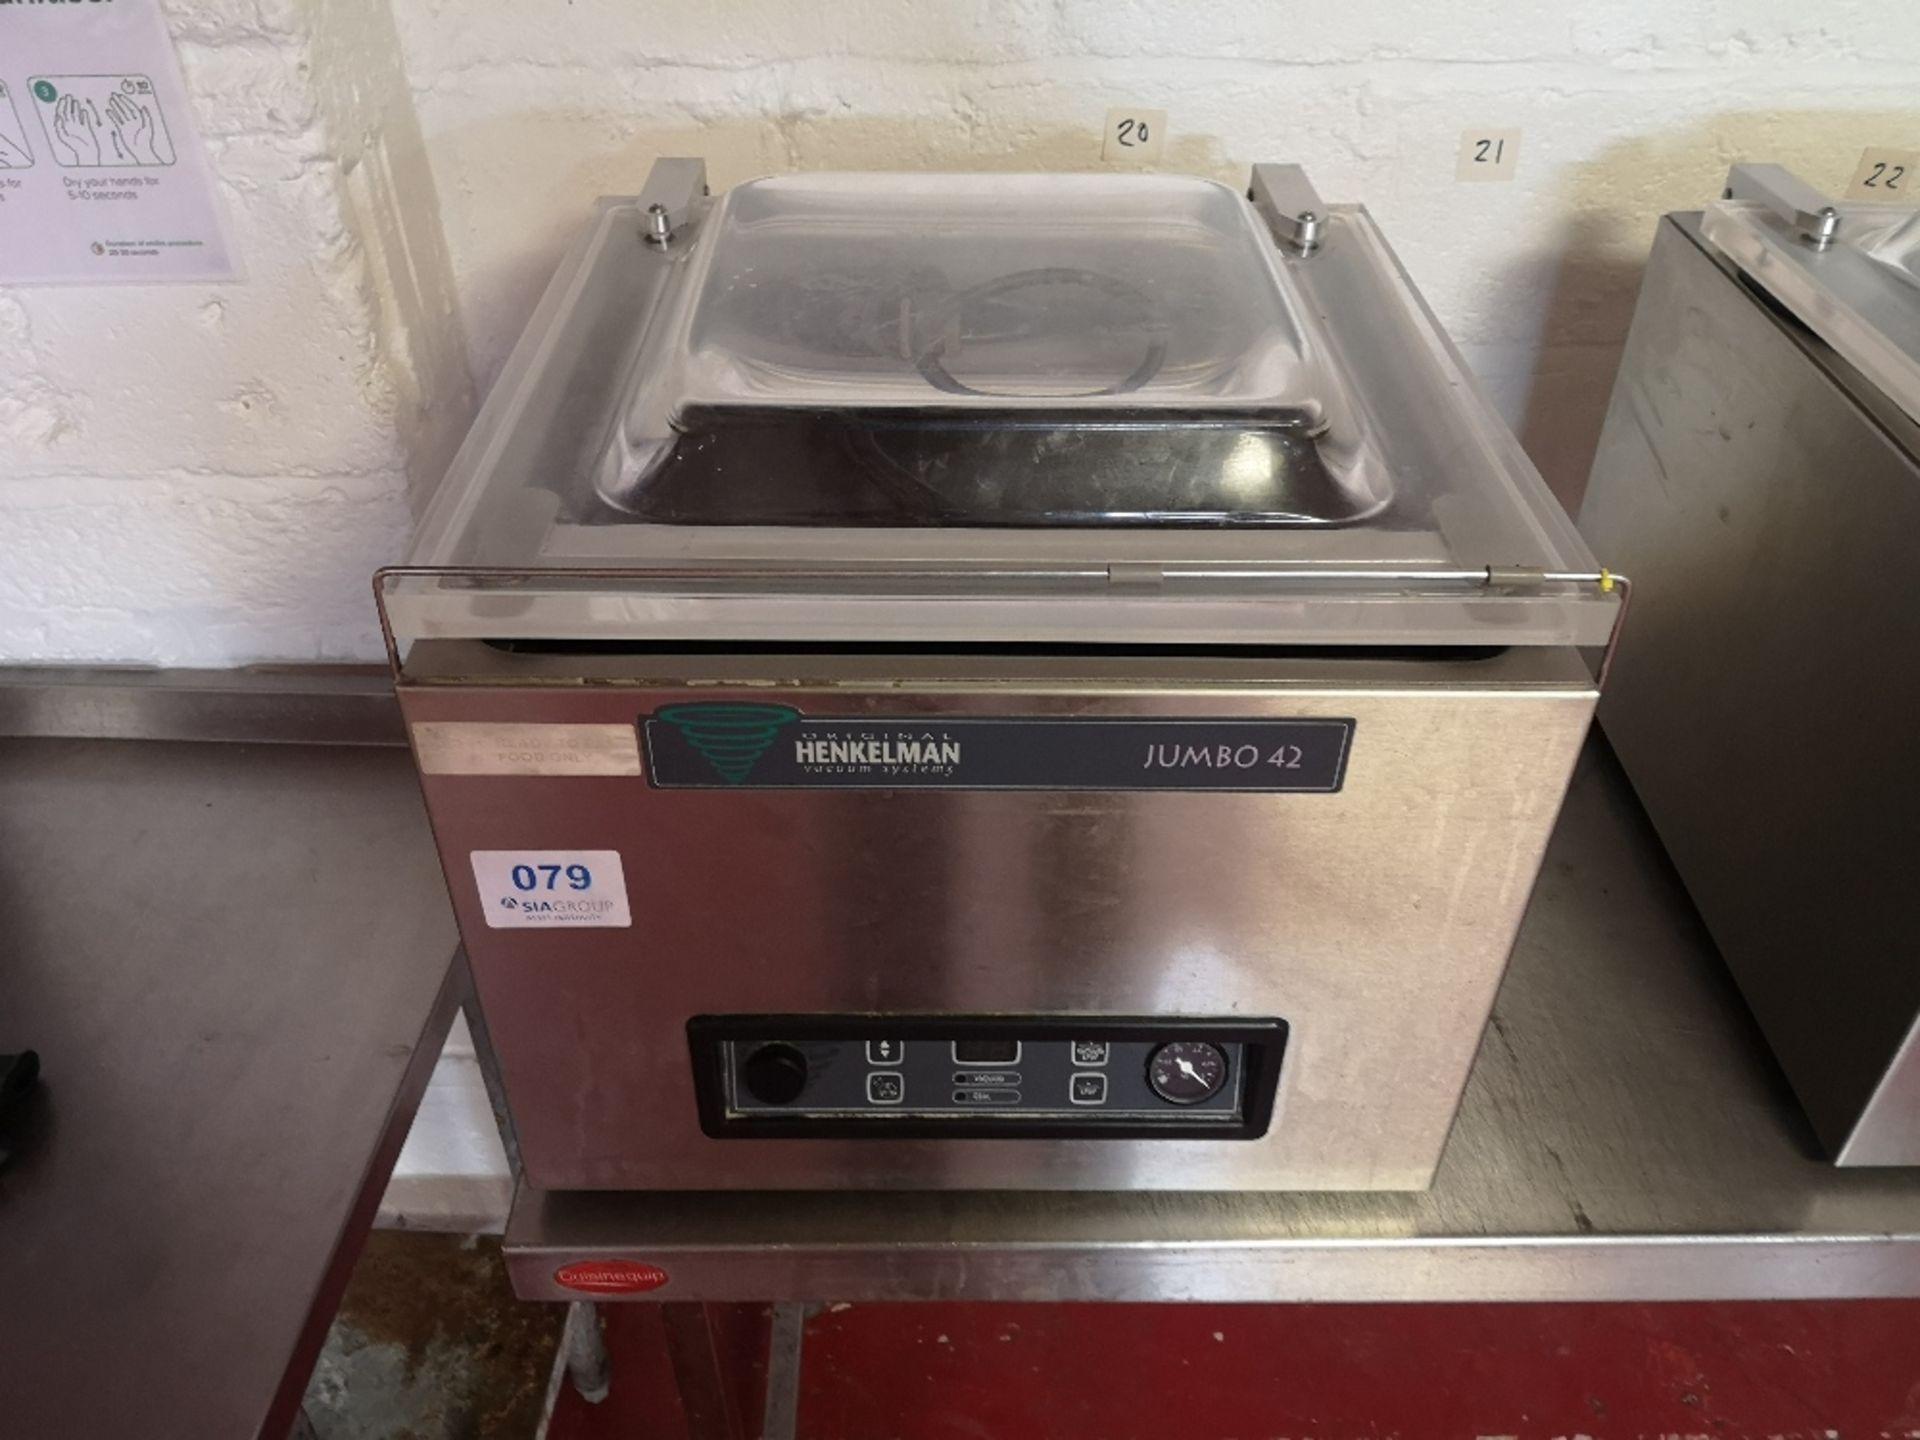 Henkelman Jumbo 42 Vacuum Pack Machine - Image 2 of 4